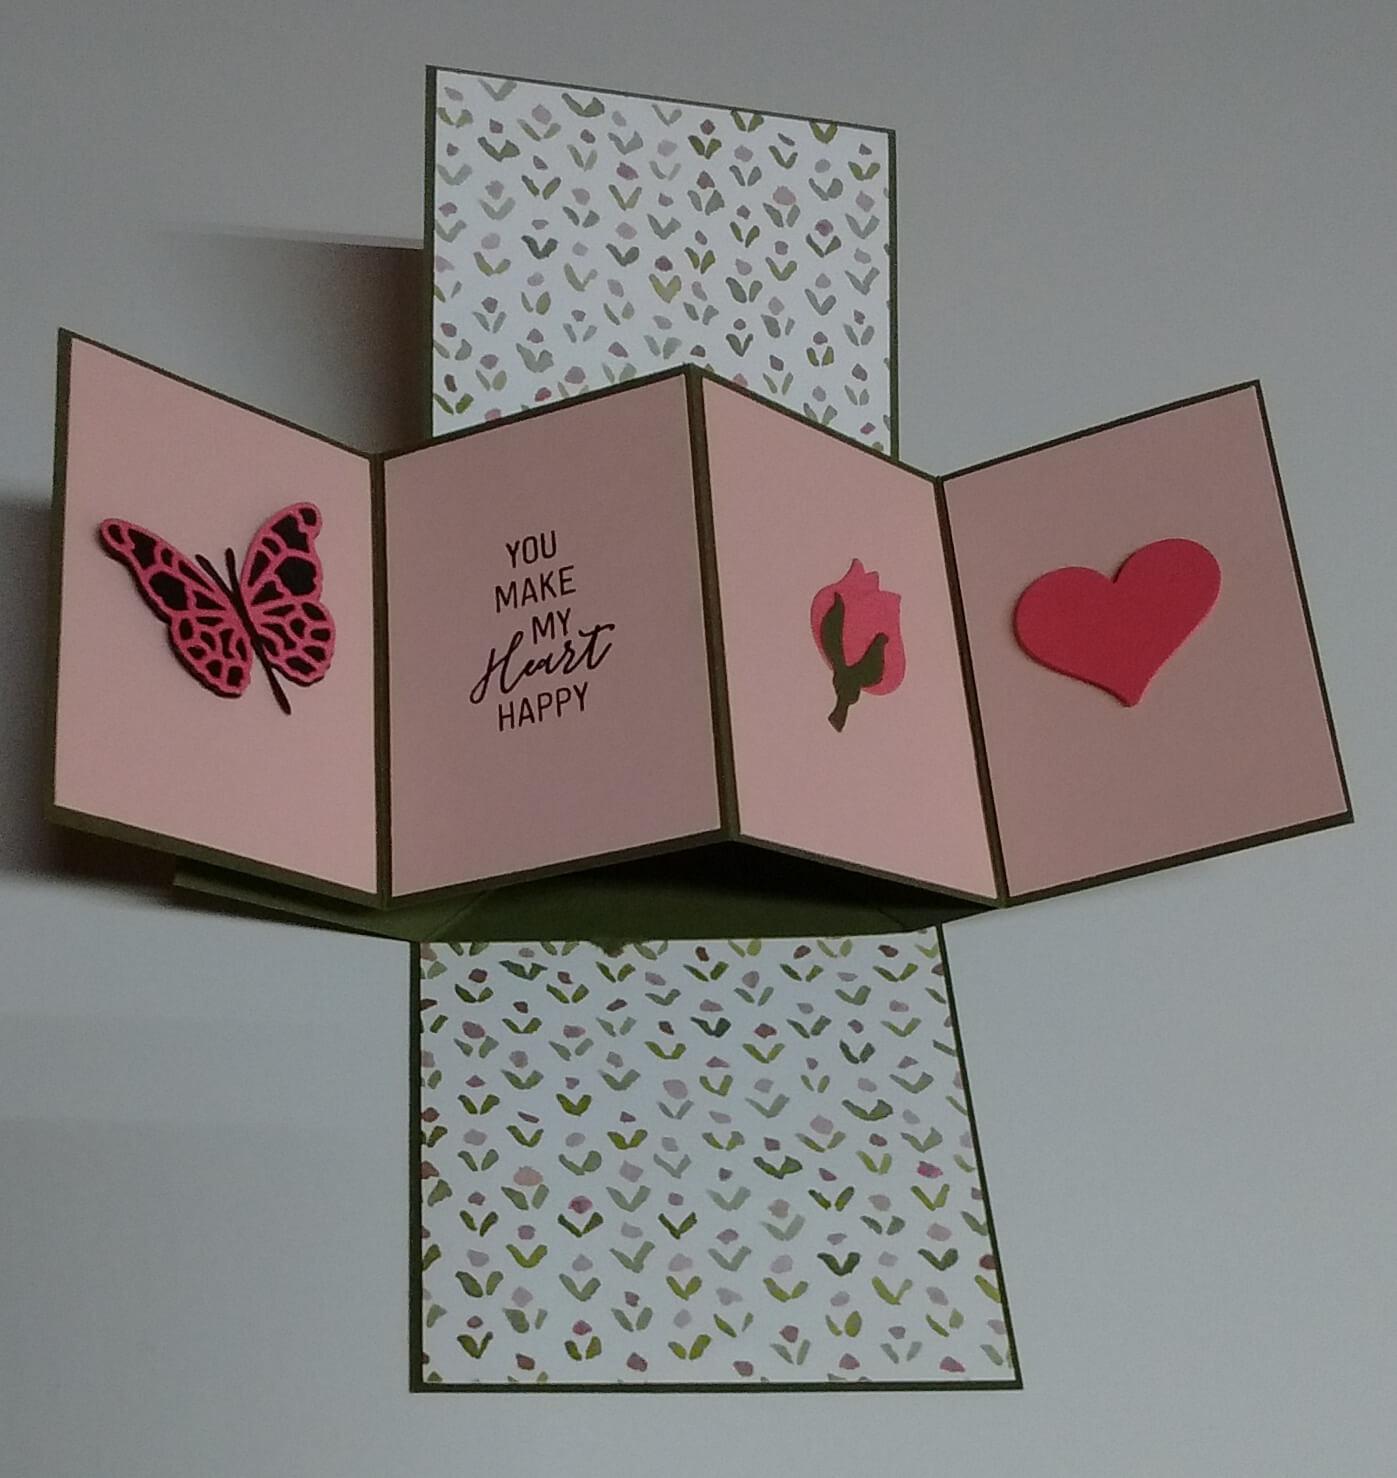 039 1510098453 Iwzdikn9U9 Template Ideas Pop Up Cards For 3D Heart Pop Up Card Template Pdf